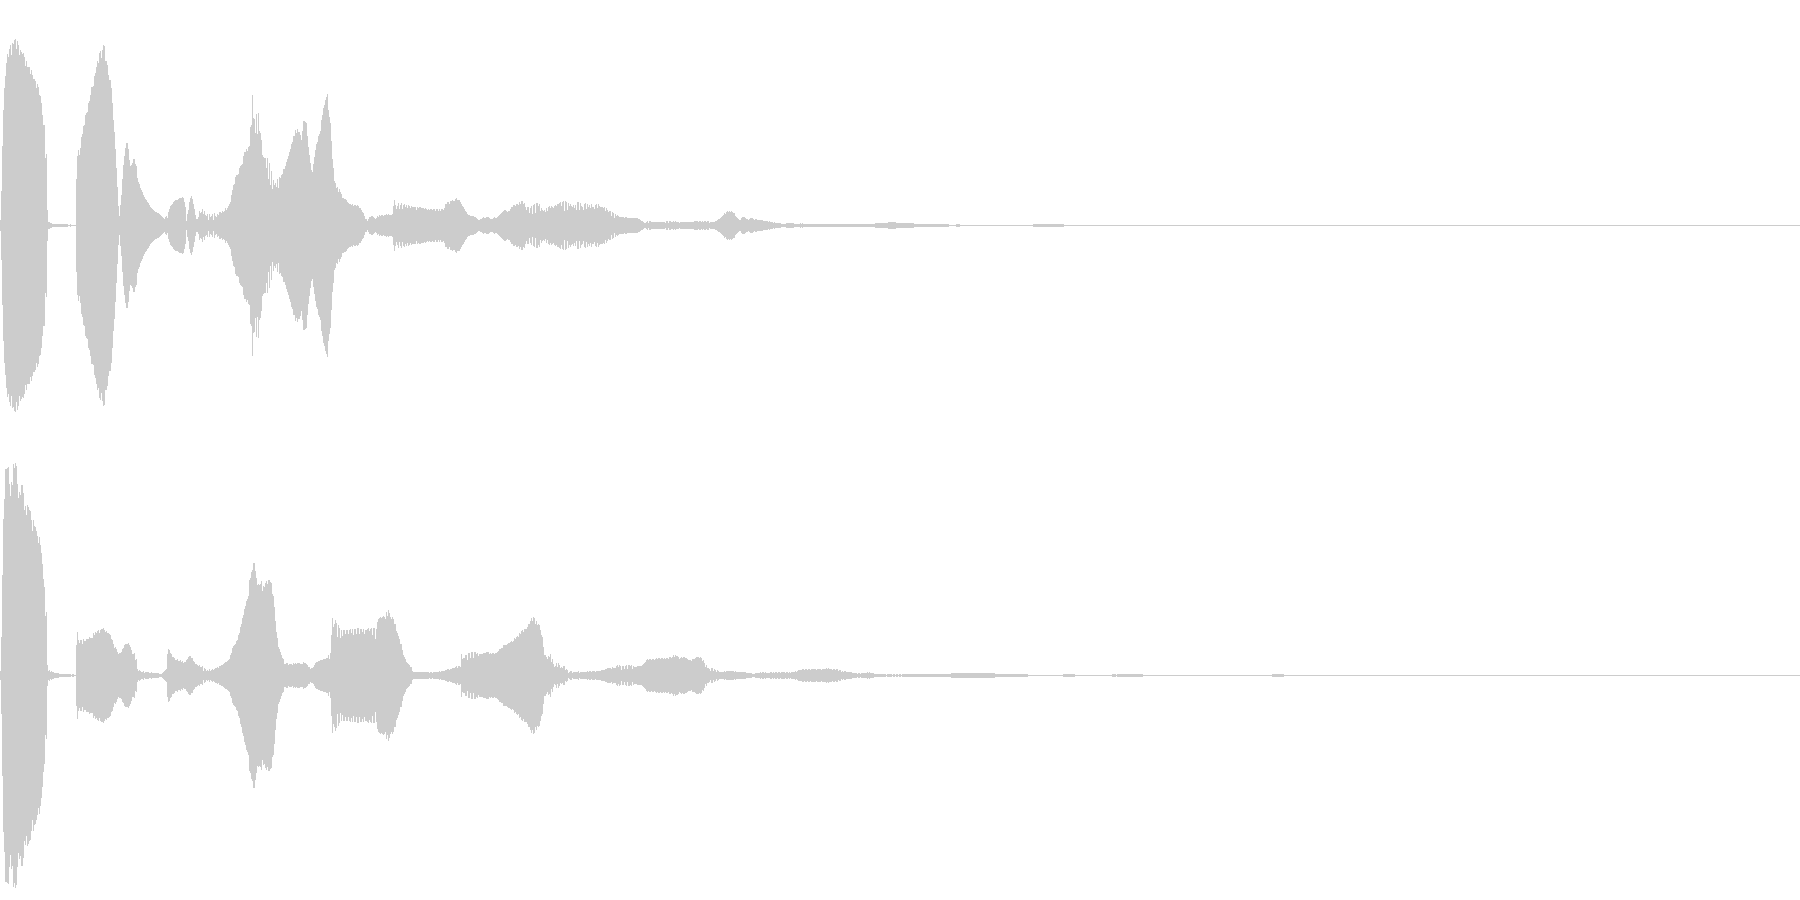 決定/クリック/選択音/UI(ピコンッ)の未再生の波形